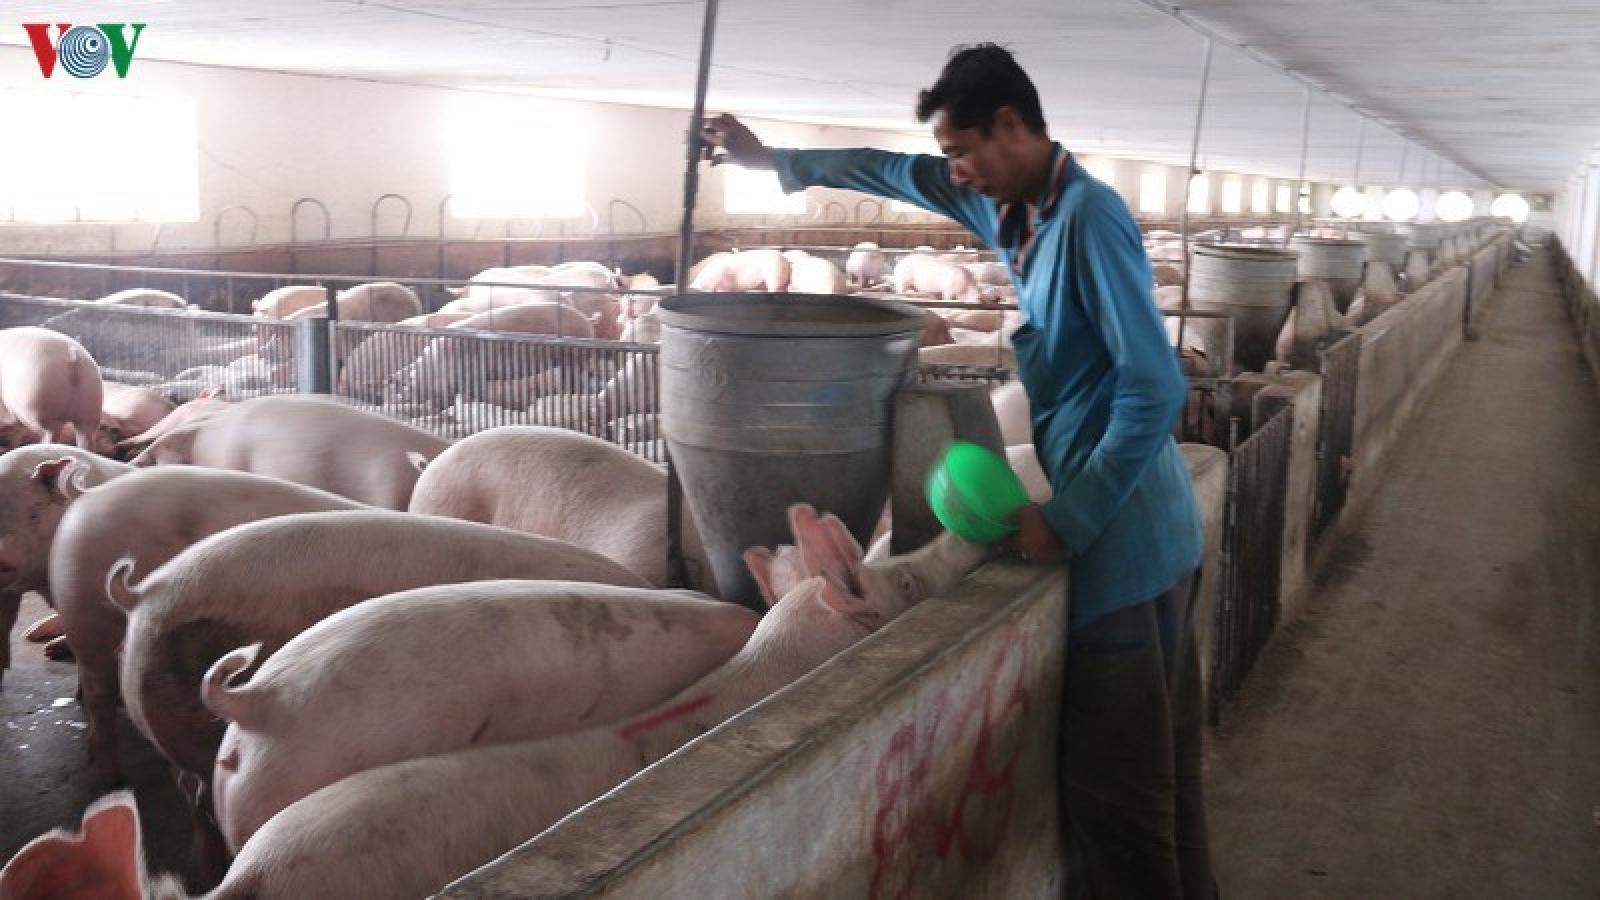 Cuối quý 3 sẽ đáp ứng đủ nguồn cung con giống phục vụ tái đàn lợn